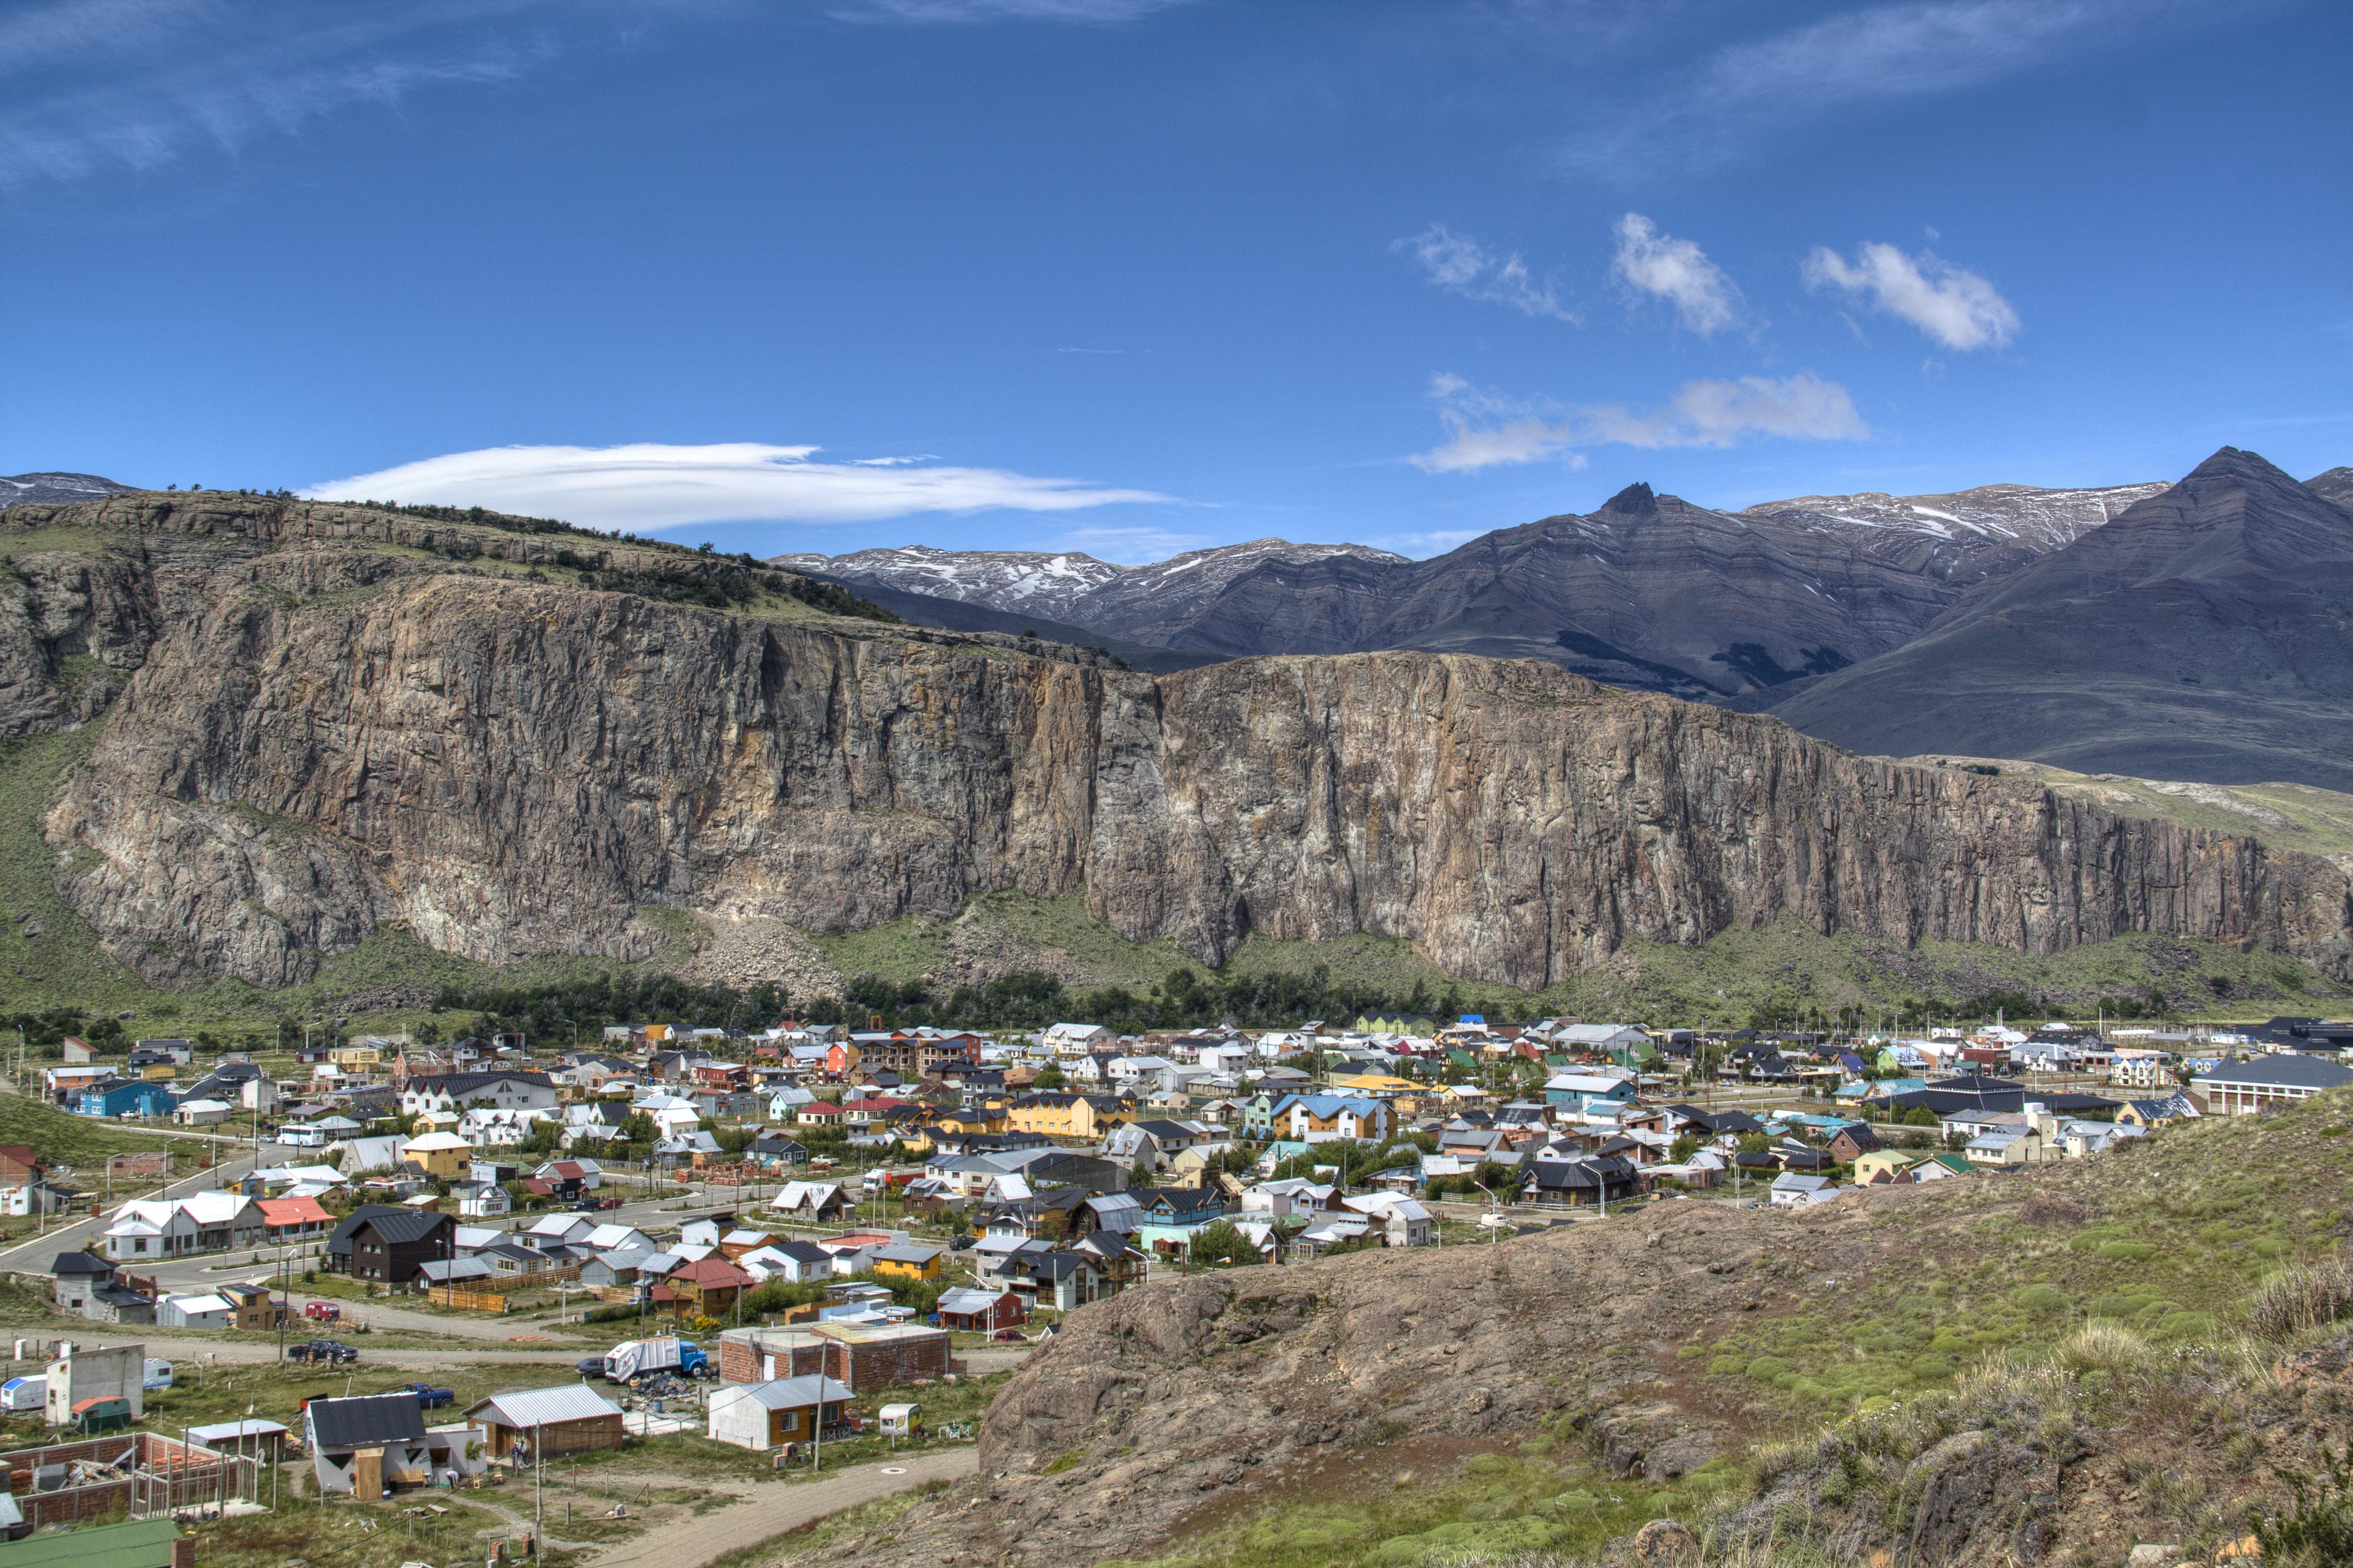 Vista da cidade de El Chaltén, na Argentina. Crédito: